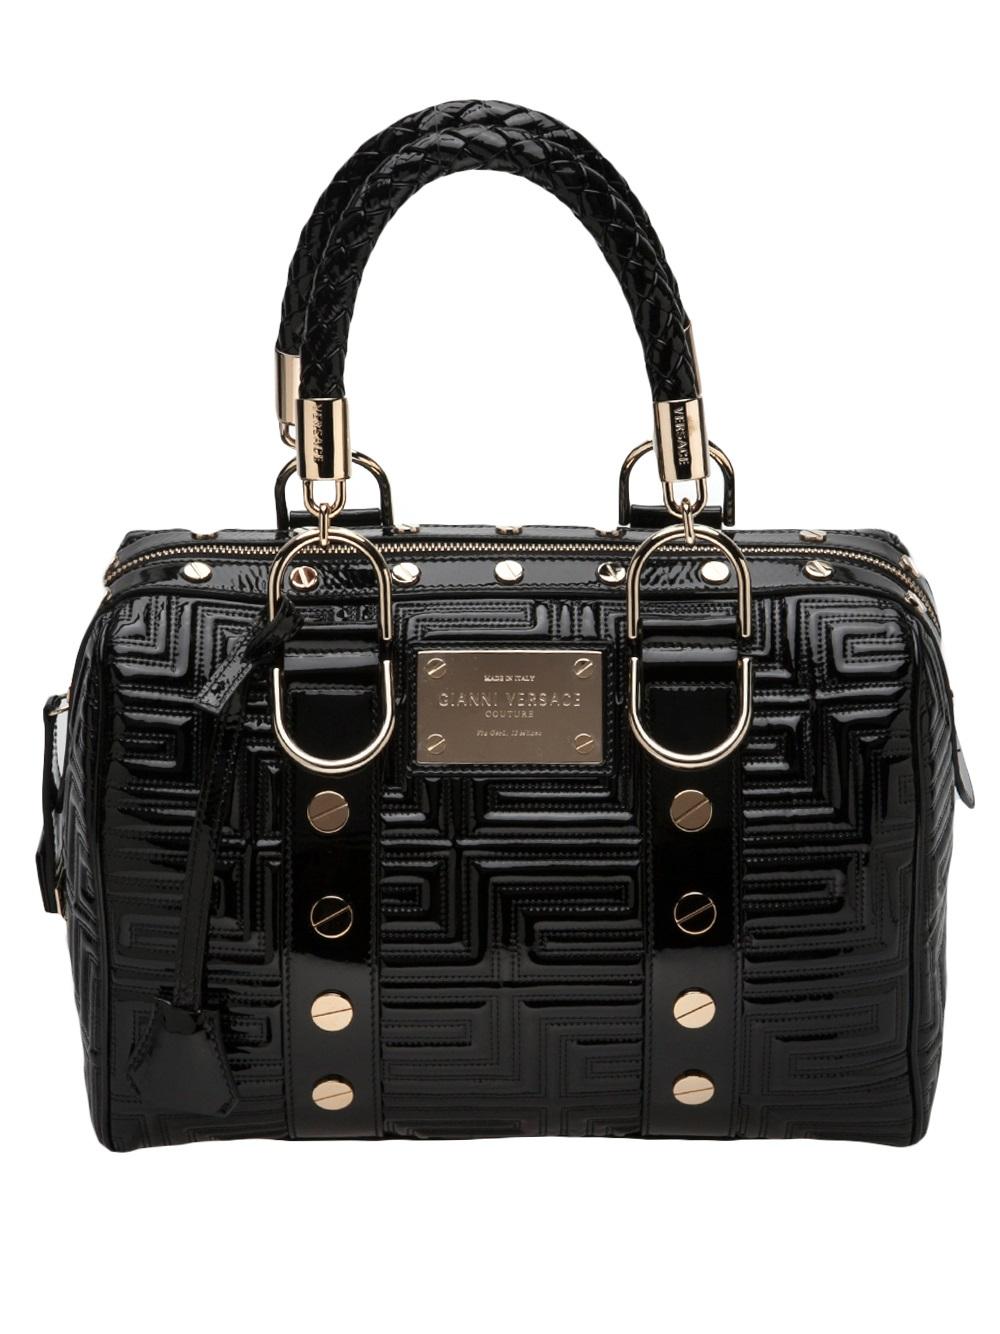 Versace Speedy Handbag In Black Lyst